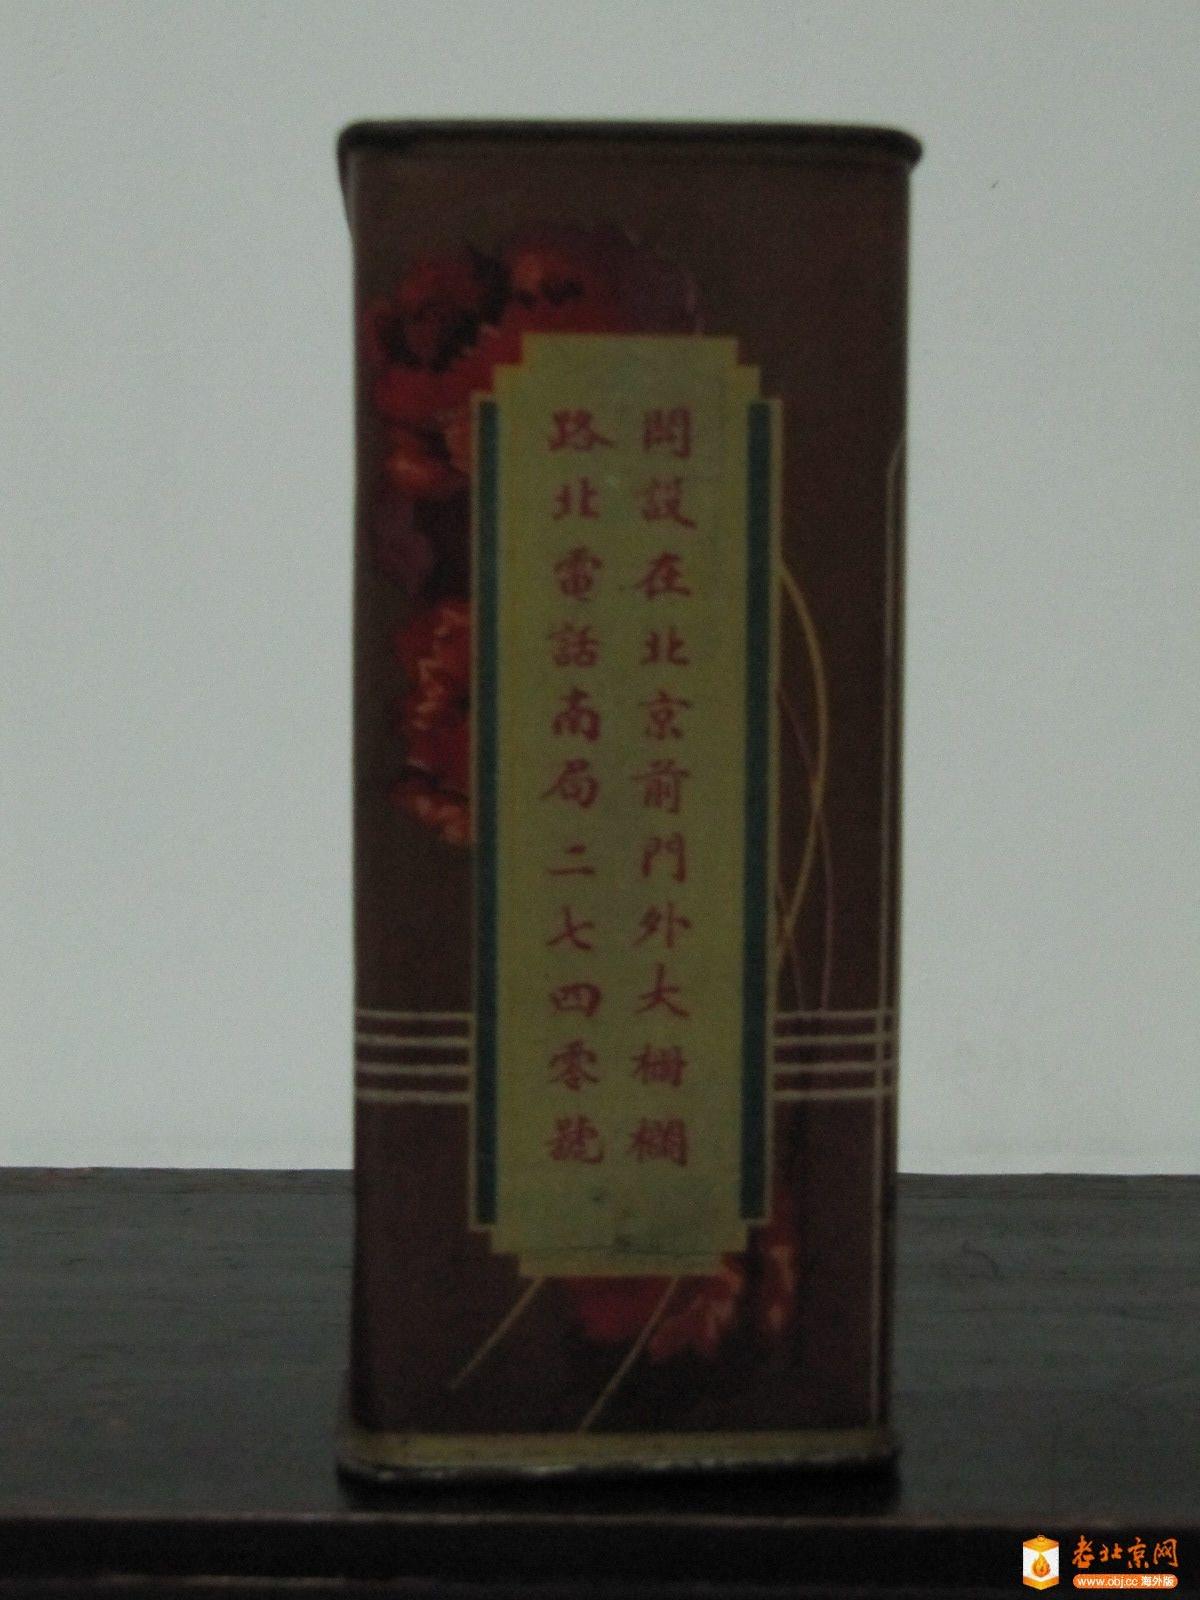 吴德泰-方-4.JPG